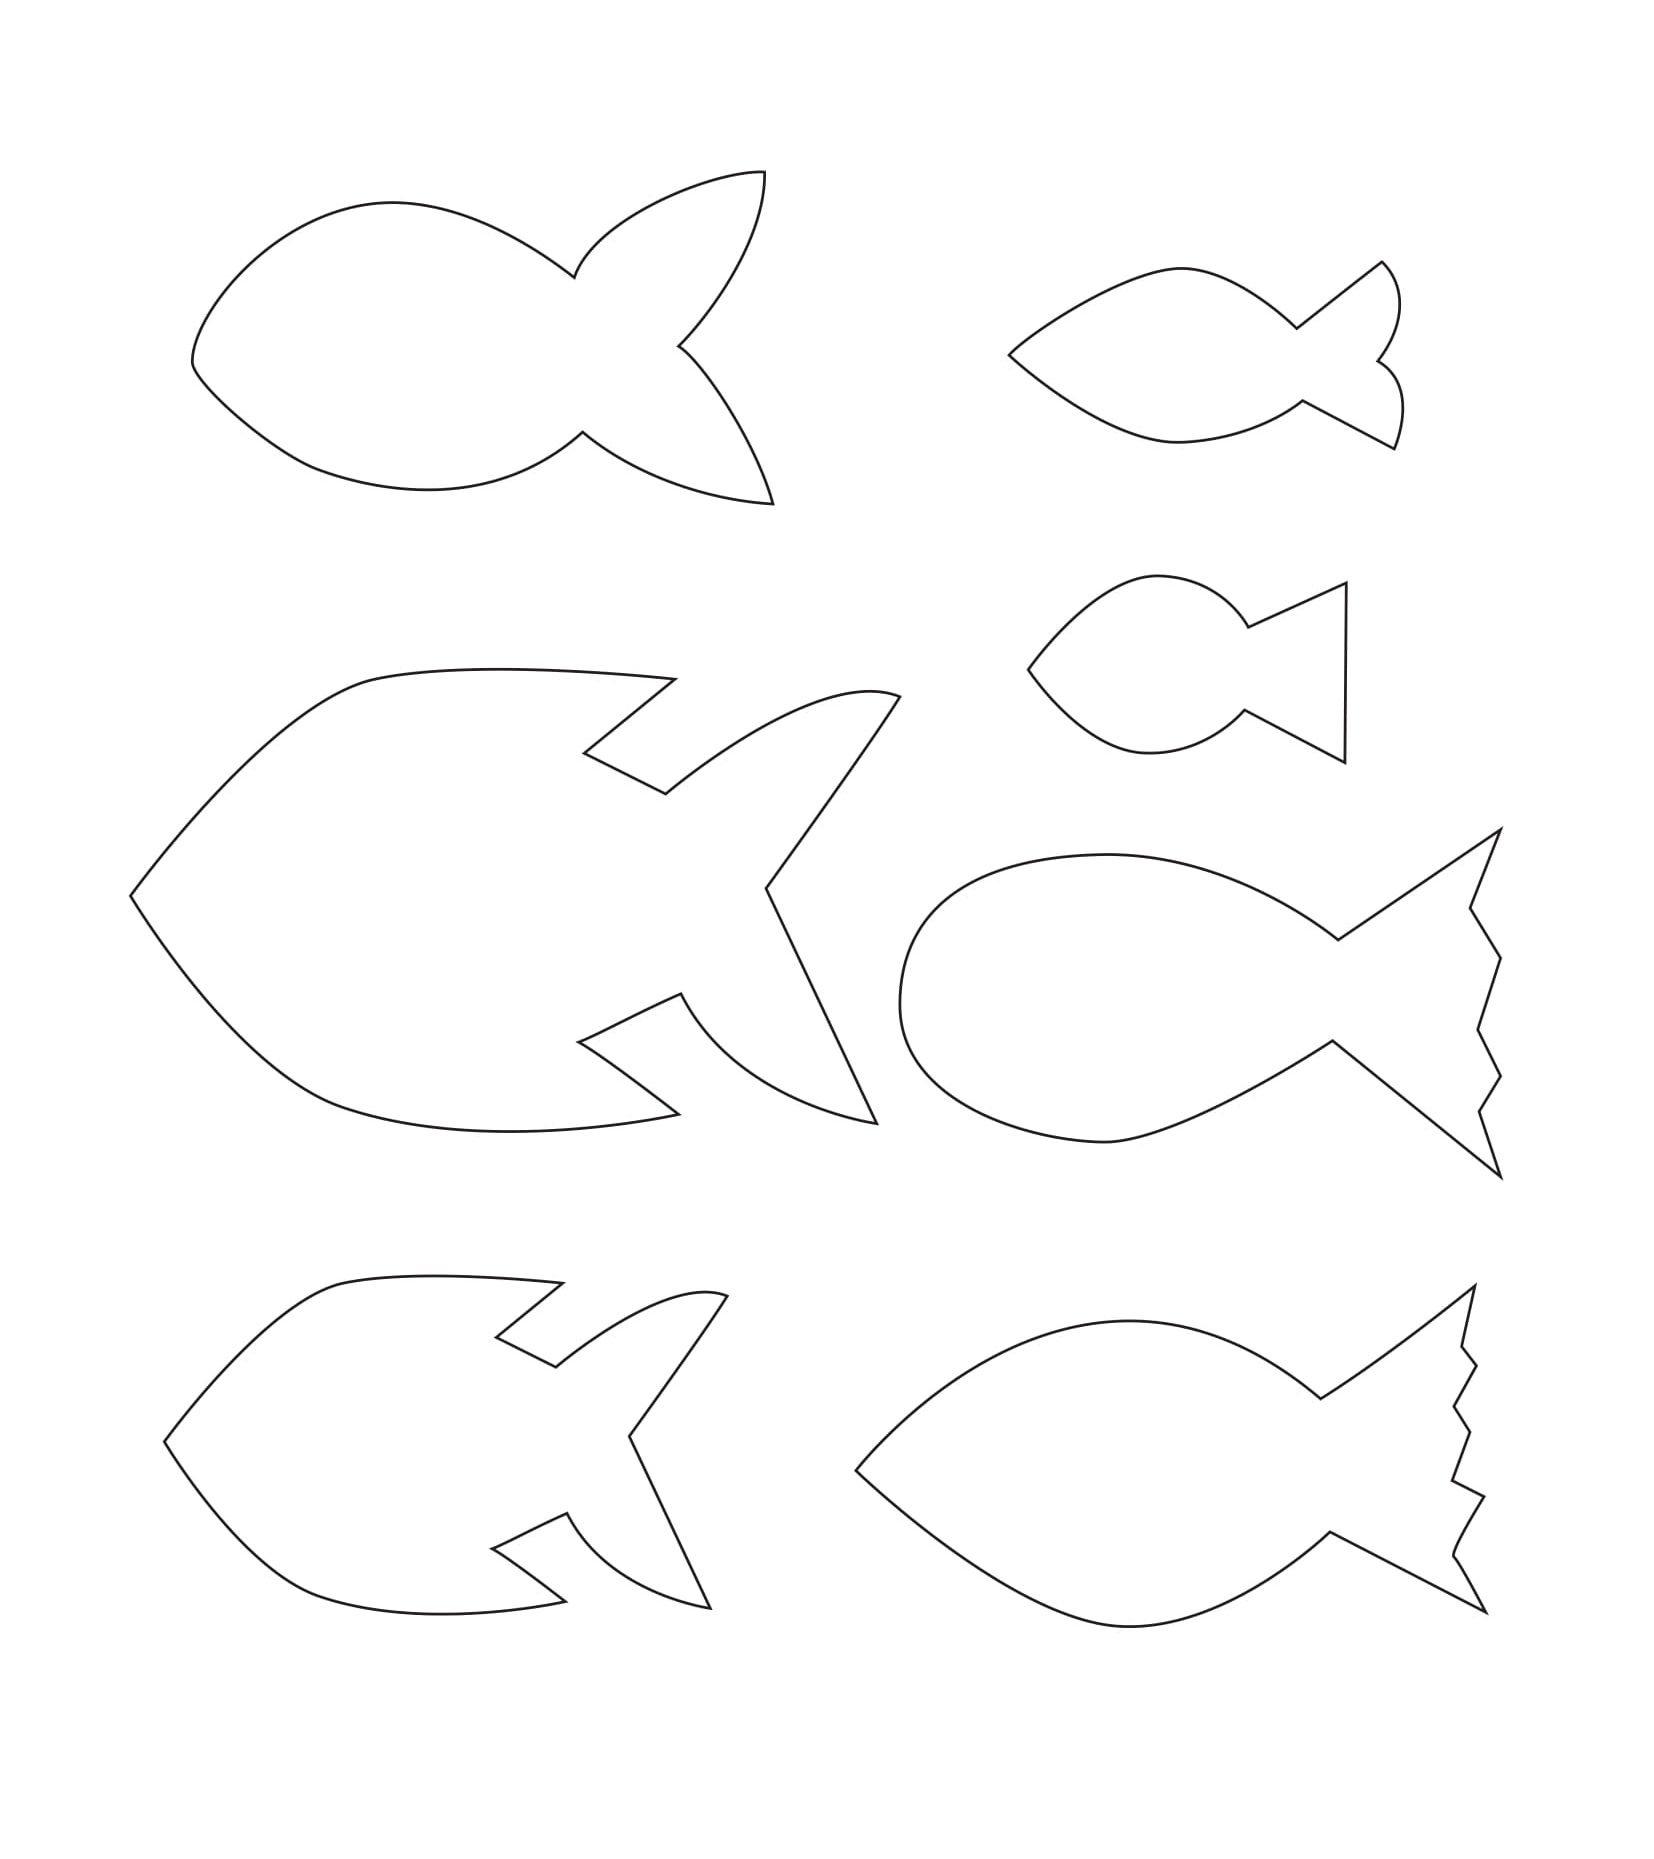 Charmant Kostenlose Bastelvorlage Fisch: Herunterladen, Ausdrücken, Ausschneiden Und  Einfärben